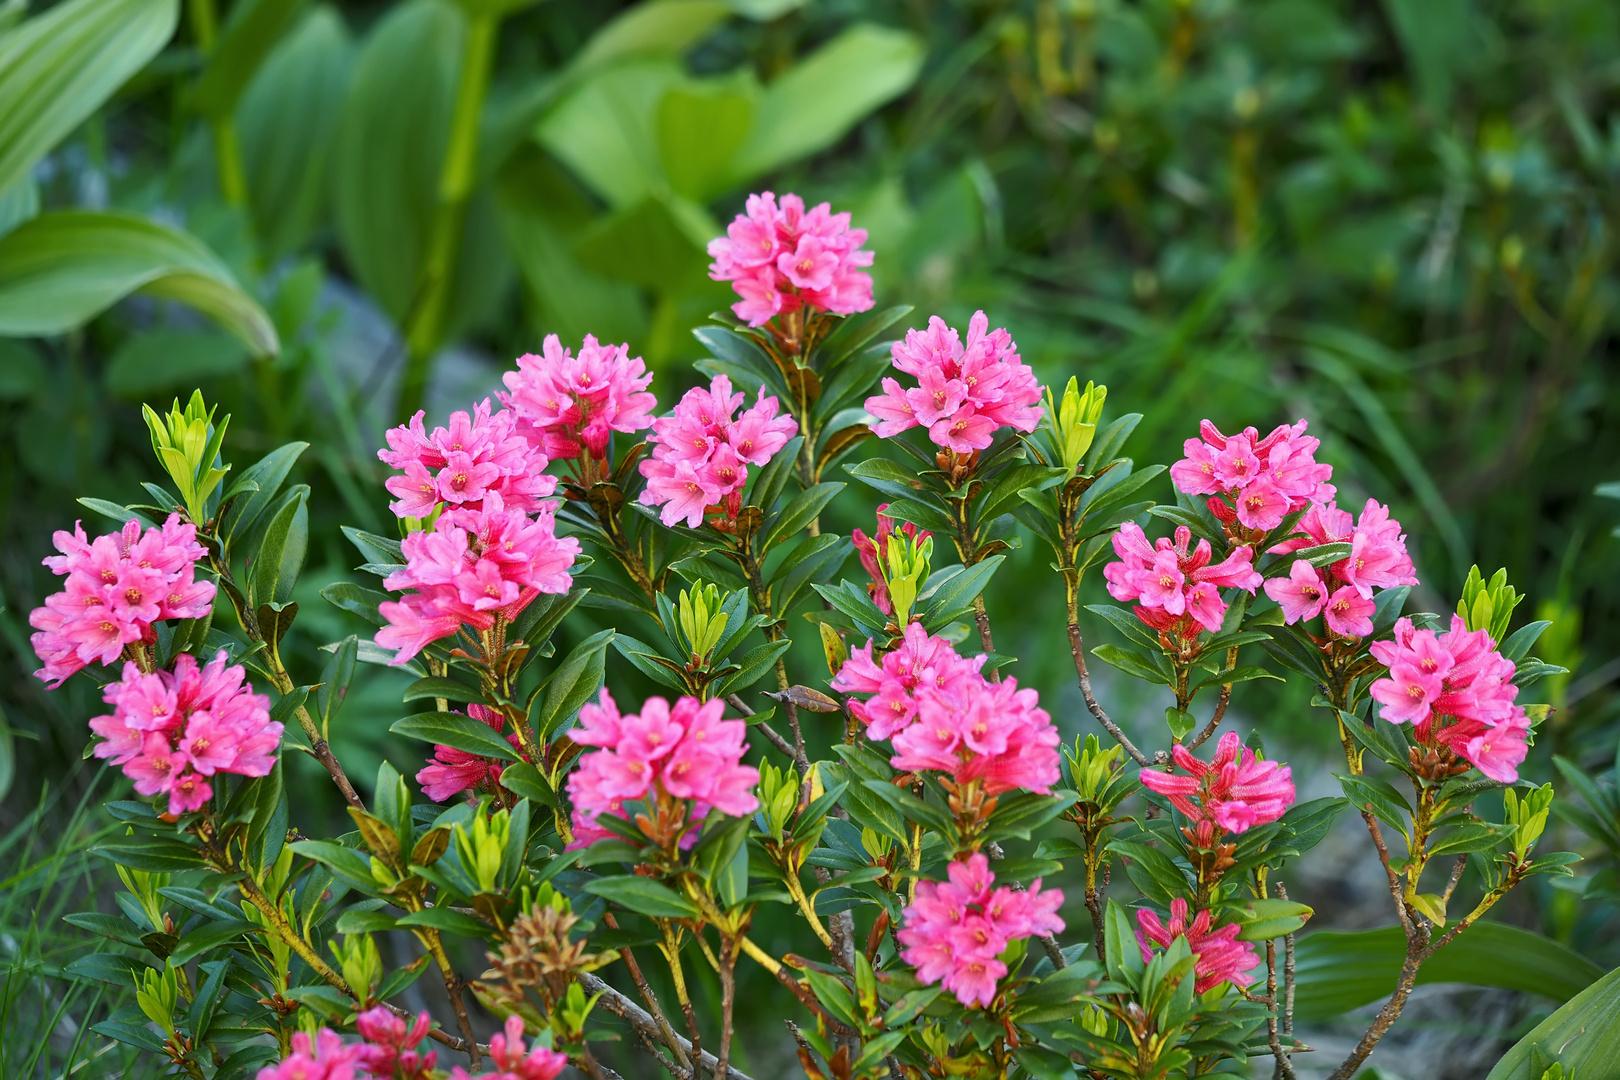 Alpenrosen-Pracht (Rhododendron ferrugineum)! - Les rhododendrons sont en fleurs à la montagne!